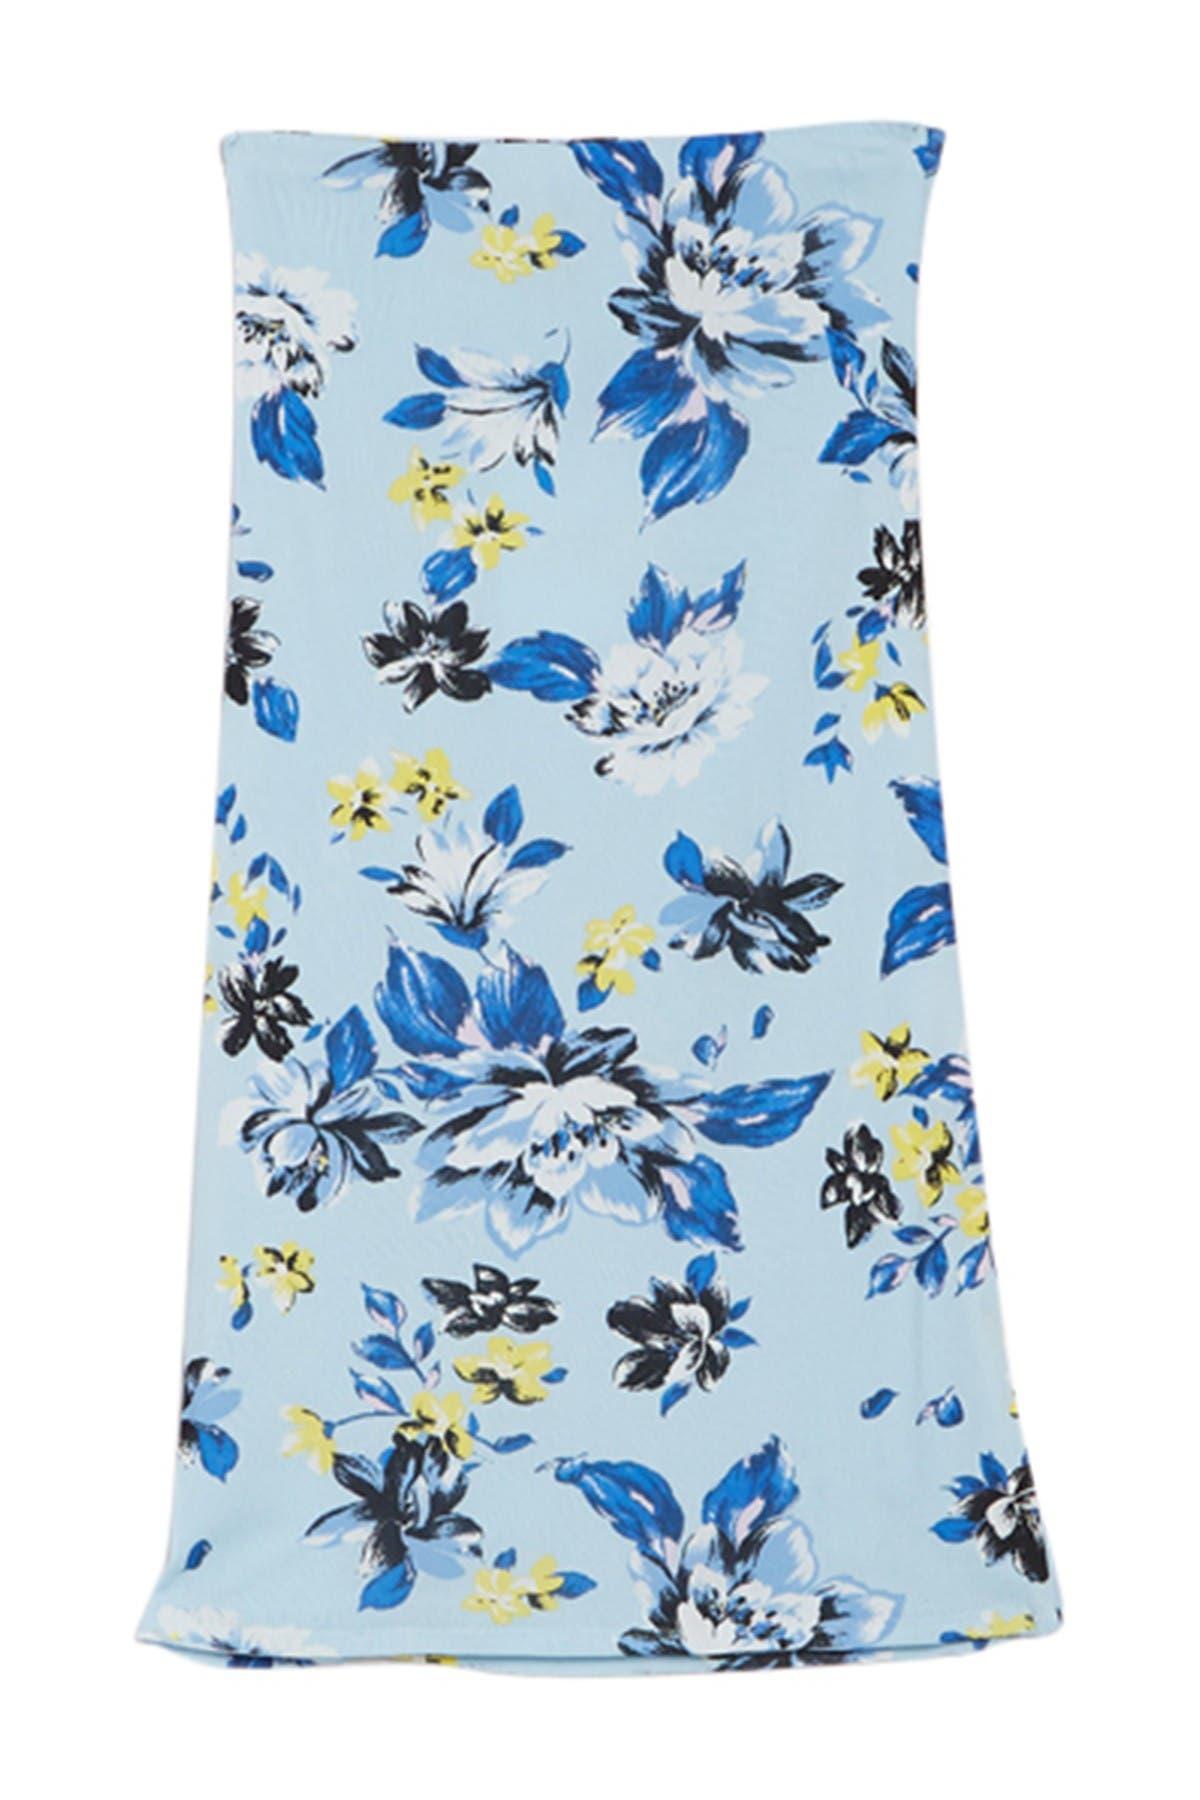 Image of Diane von Furstenberg Willa Floral Print Pencil Skirt